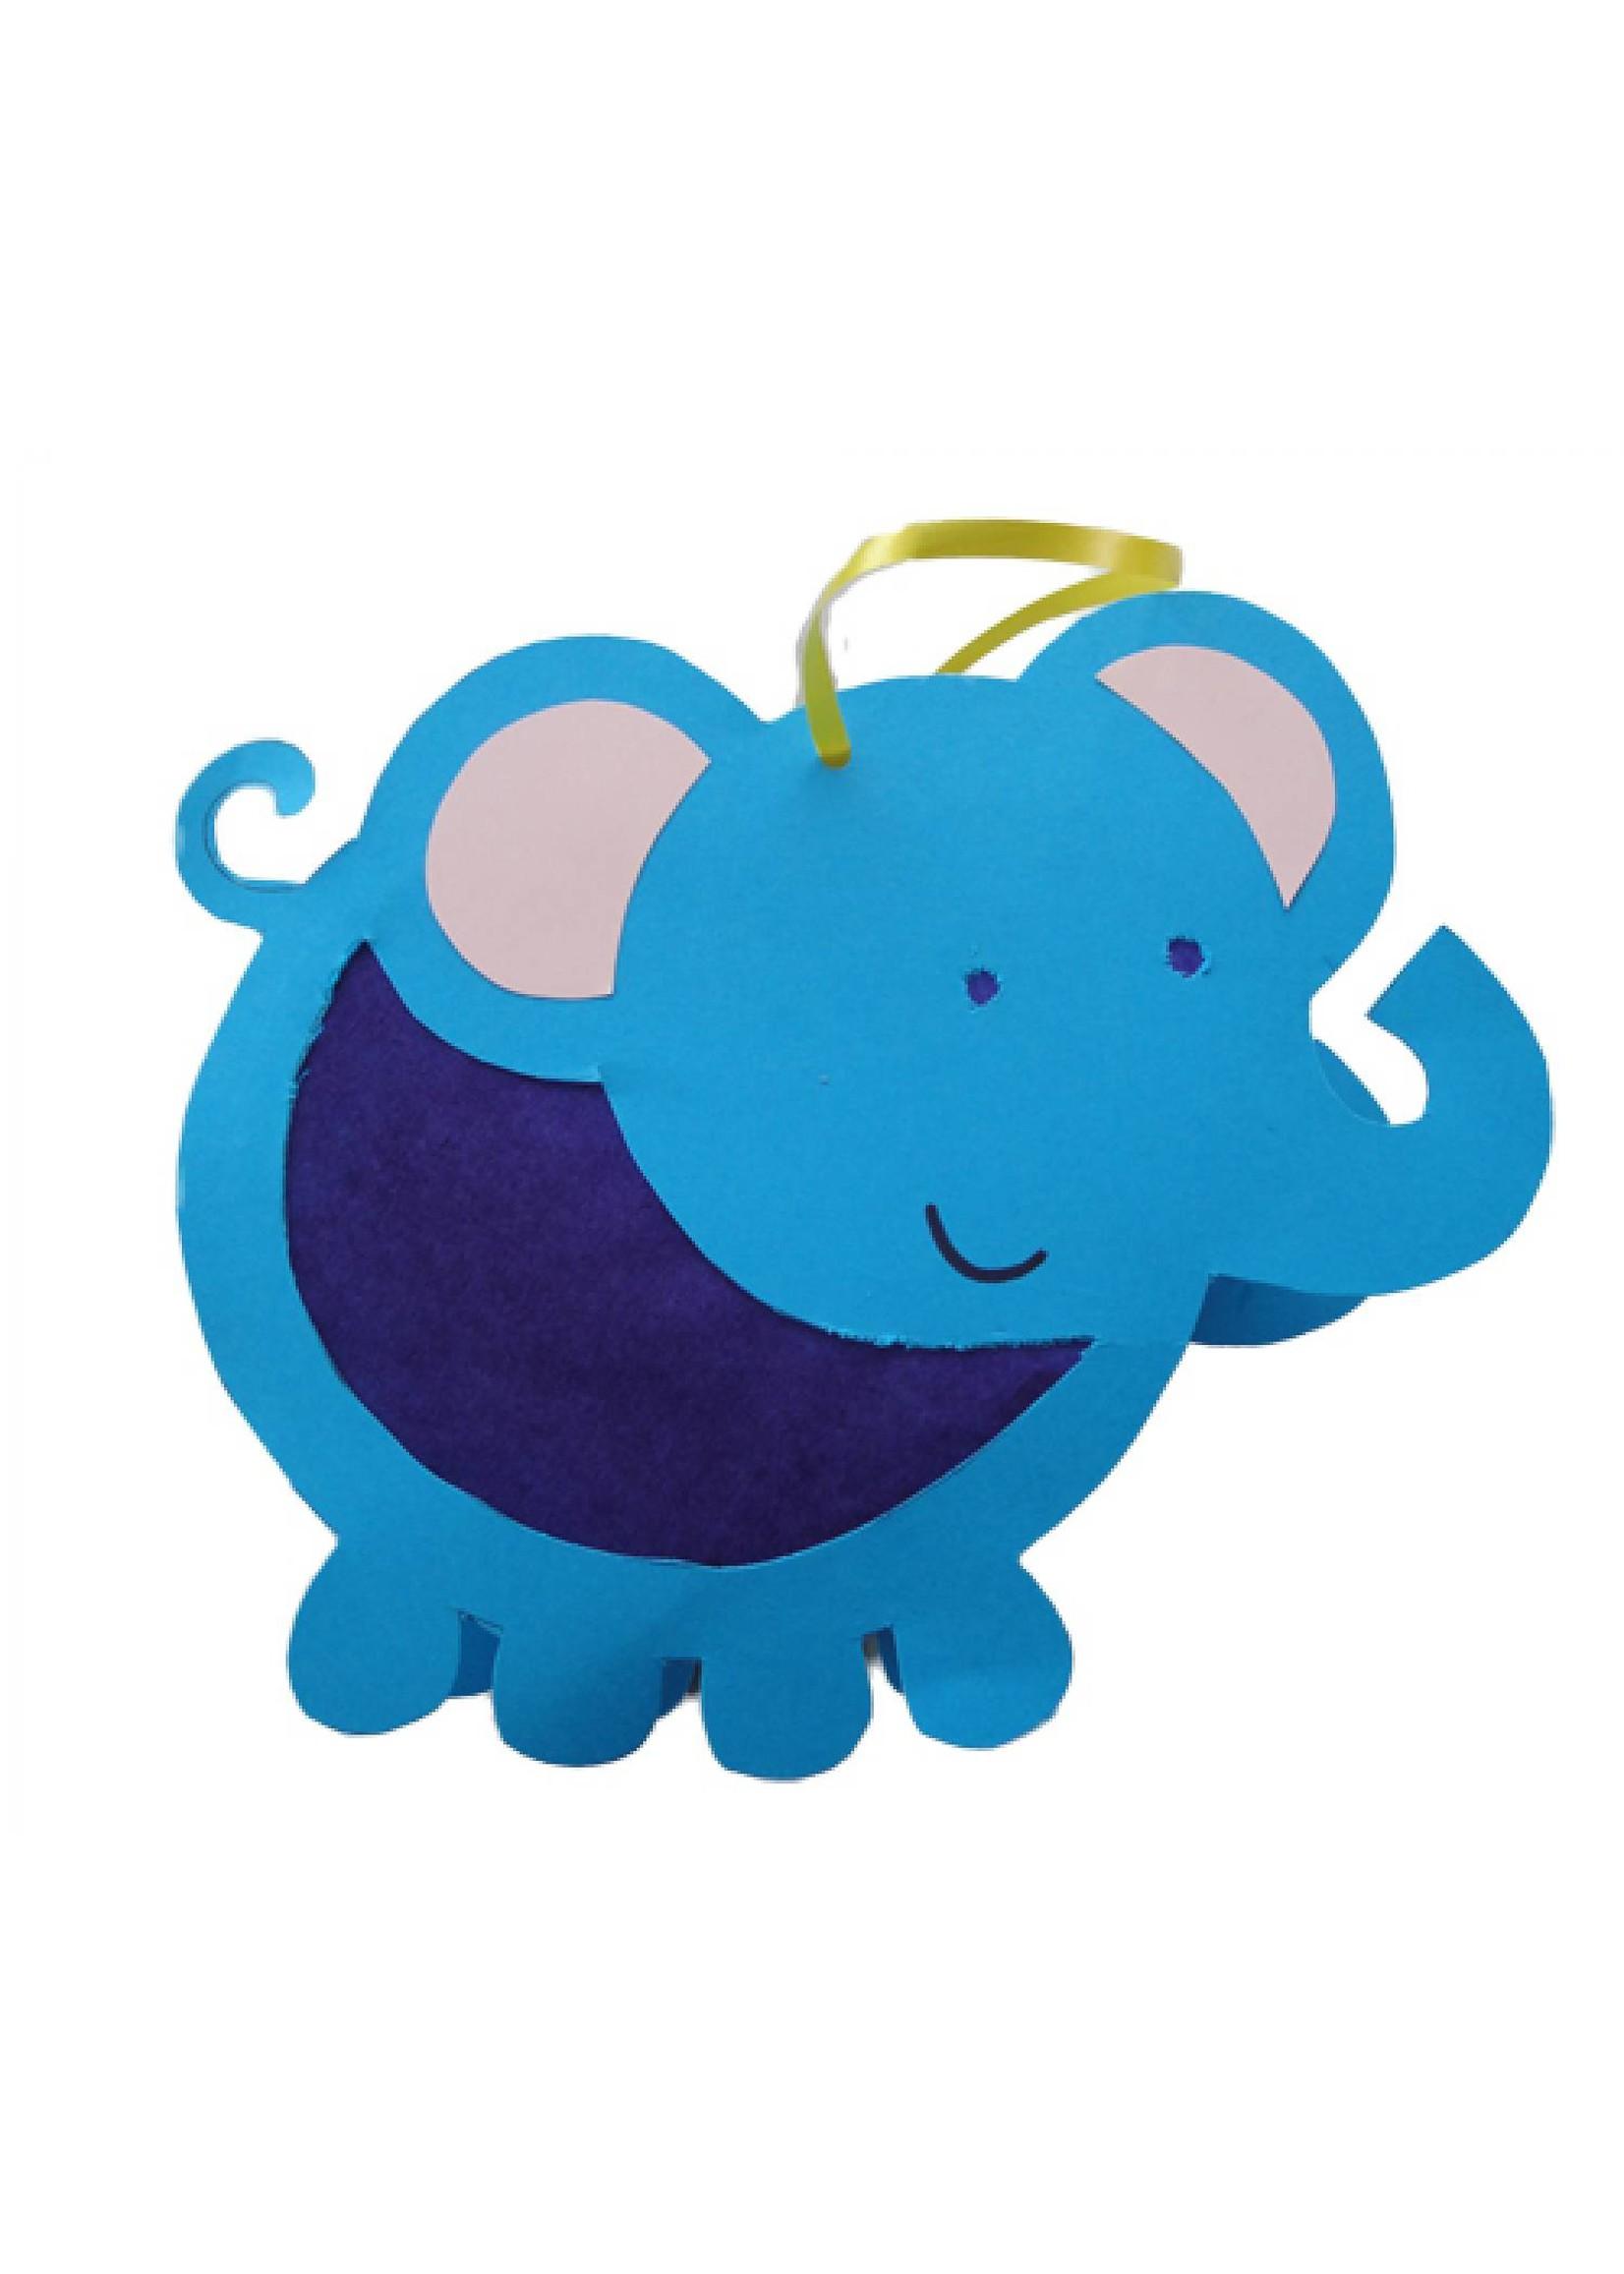 Lampion olifant digitaal